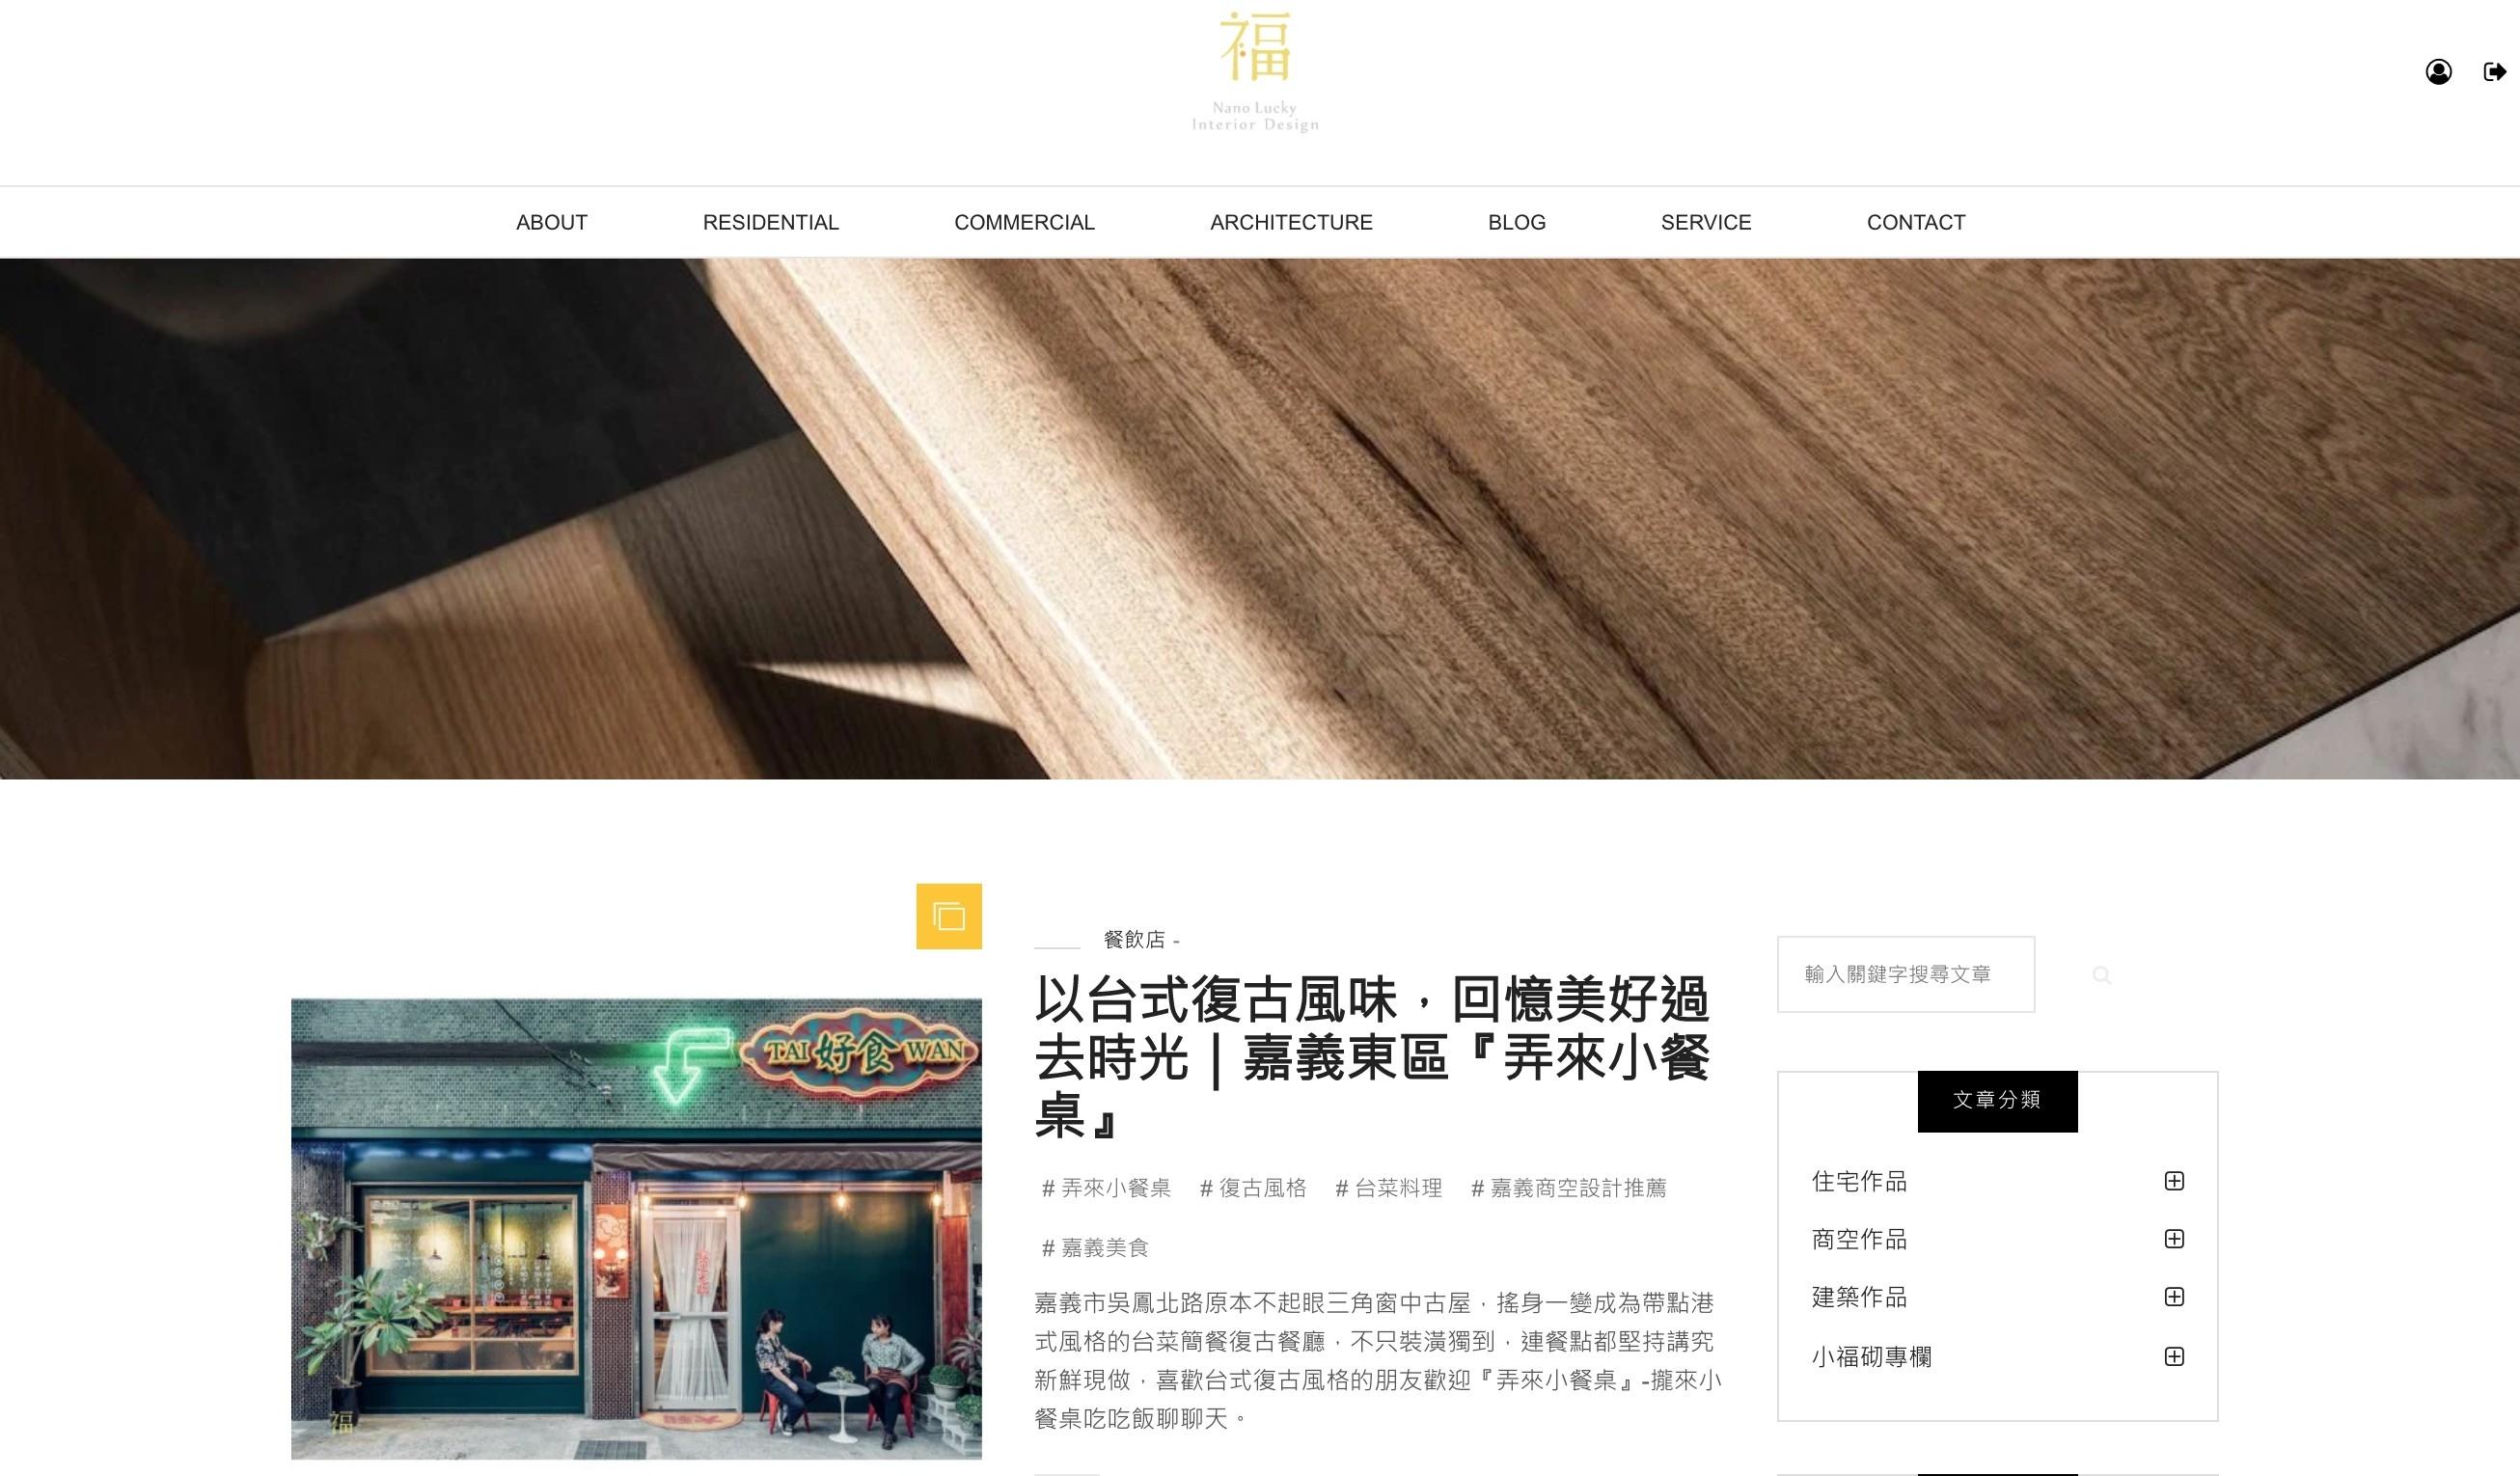 嘉義SEO優化網頁設計案例-部落格內容行銷專欄|小福砌空間設計、嘉義市內設計推薦